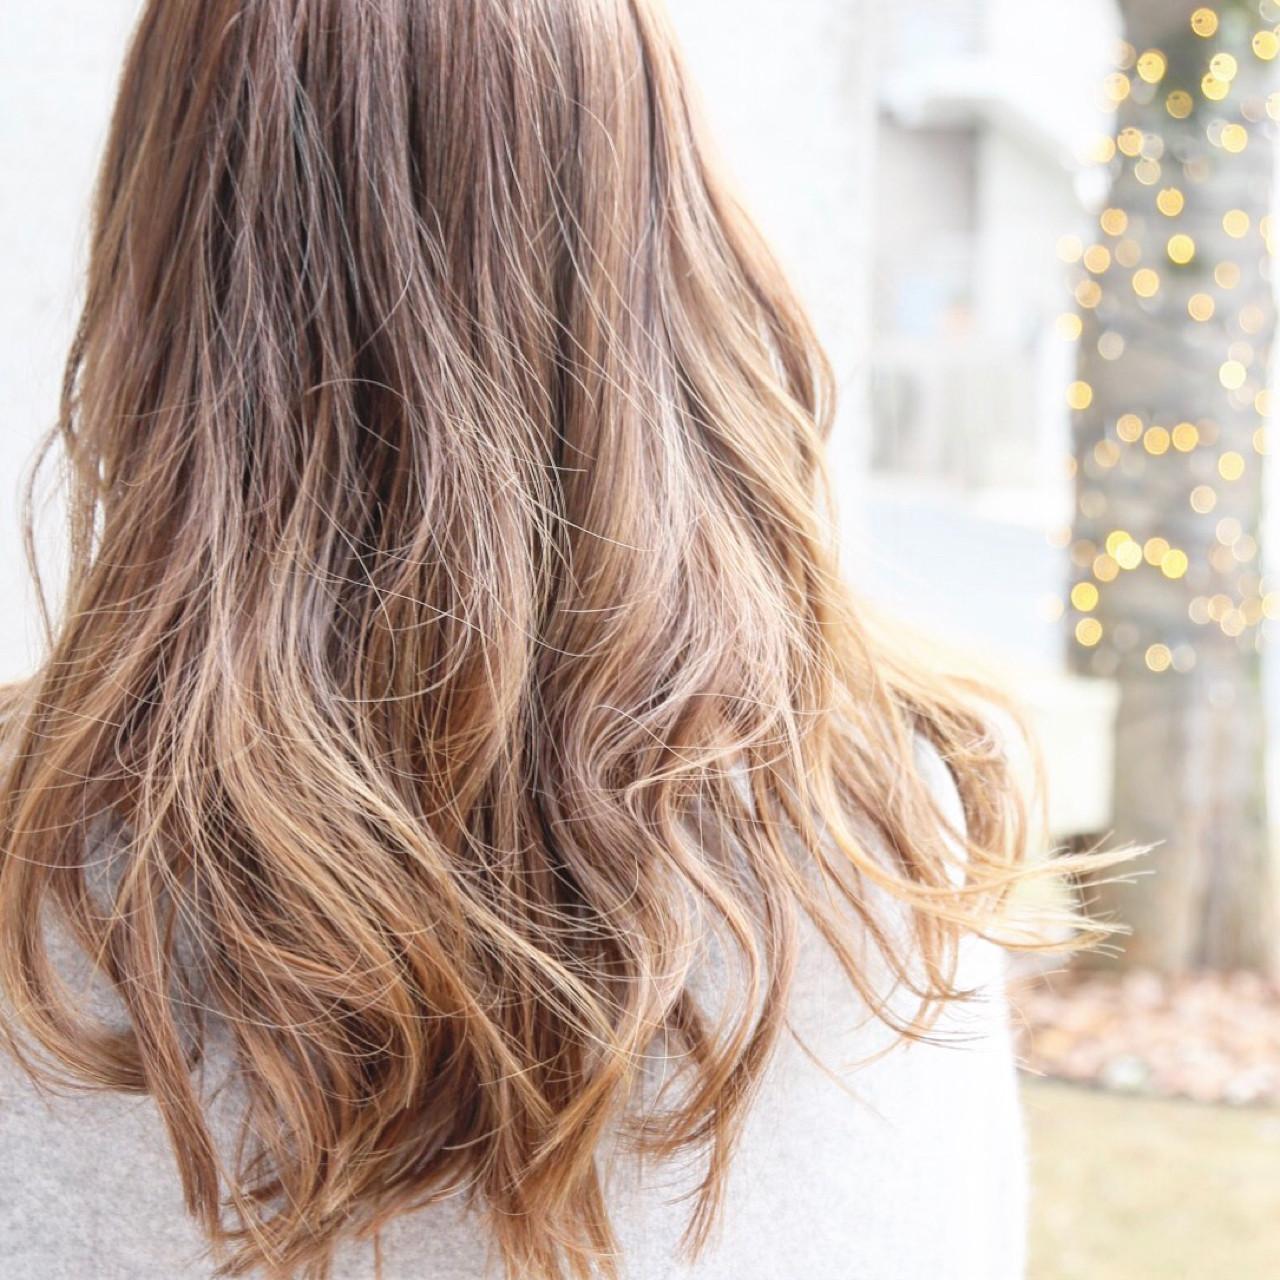 ロング アッシュ ニュアンス ハイライト ヘアスタイルや髪型の写真・画像